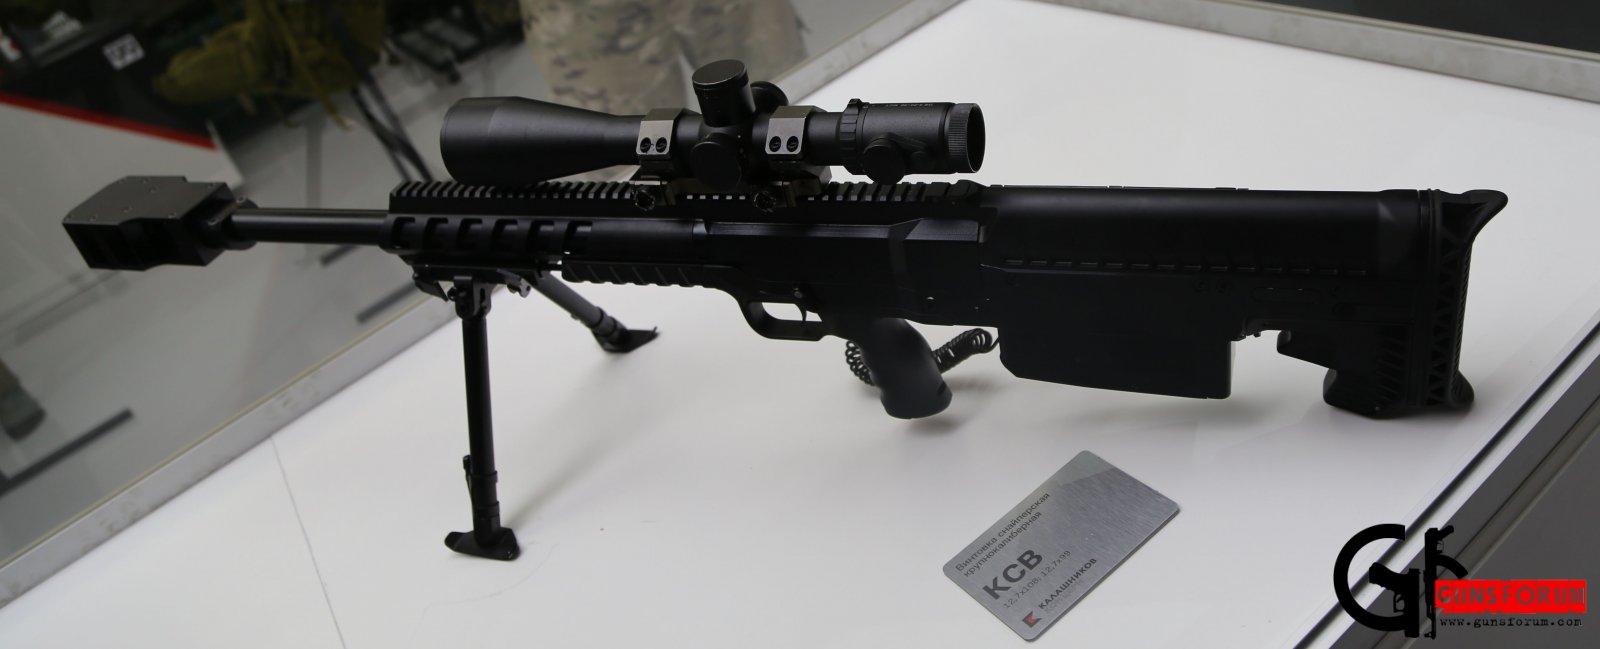 12,7-мм снайперская винтовка КСВ